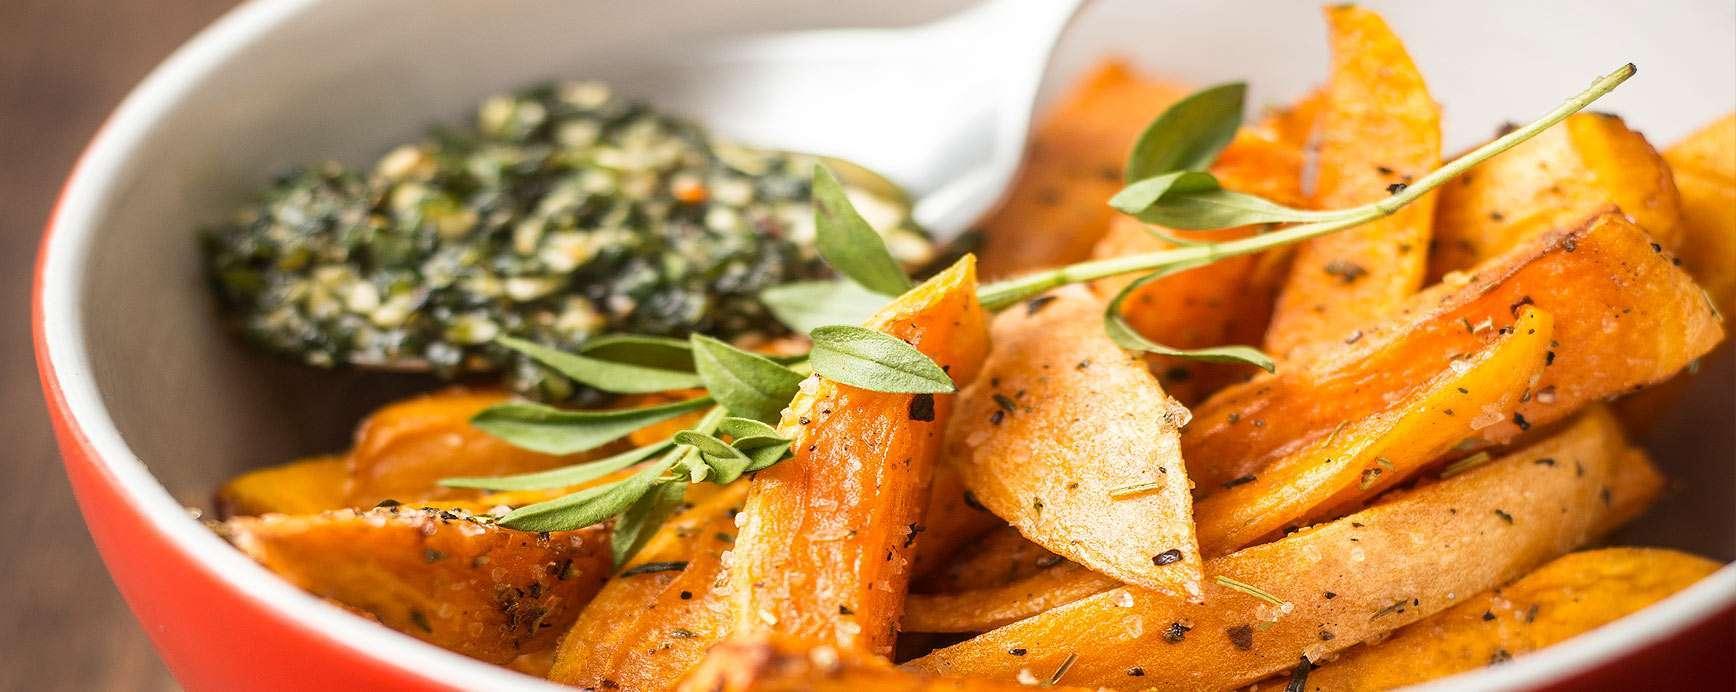 Recept voor friet van zoete aardappel geserveerd met de dip van gedroogde en verse kruiden